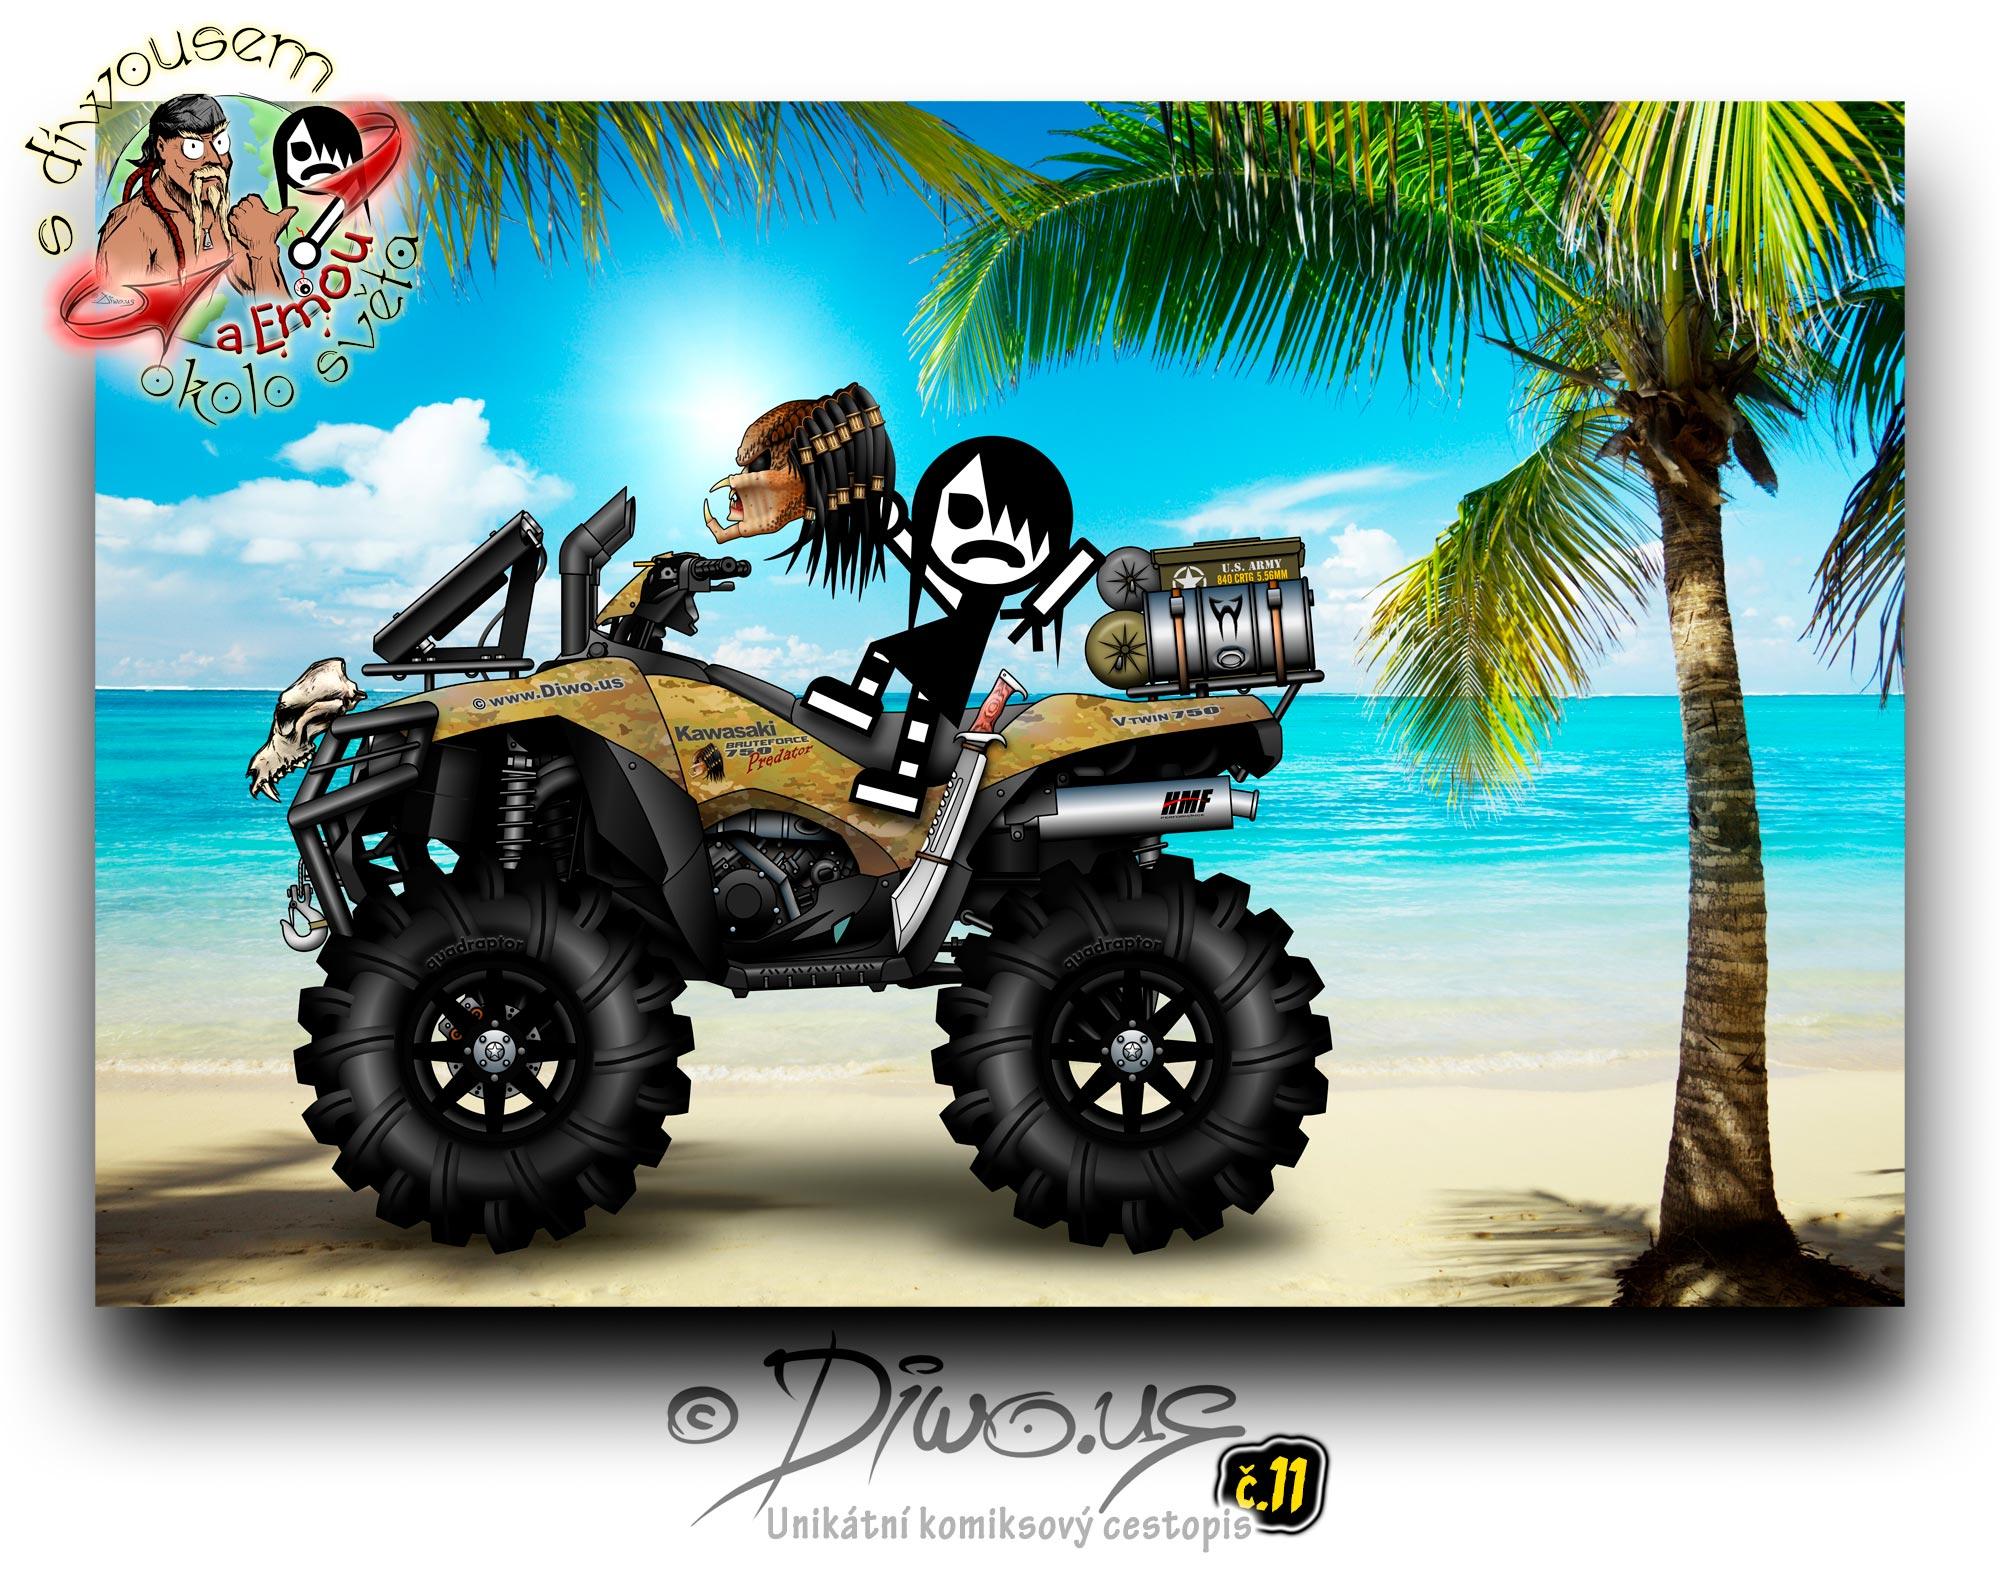 Diwous - s Diwousem a Emou okolo světa - díl 11 – Odmaskovaný Predátor, unikátní komiksový obrázkový cestopis, Emo Ema, FUJ!SLABIKÁŘ, morálně závadný komiks, pro psychicky narušené děti, tropy, Karibik, Karibské moře, divoká pláž, palmy, bílý písek, čtyřkolka Kawasaki Brute Force V Twin 750 Predator, HMF exhaust, lifted suspension, relocated radiator, snorkel kit, Quadraptor mud tires, quad, ATV, ammo can, military crate, barrel, tactical machete, taktická mačeta, steppe wolf, coyote, jackal, skull, lebka, stepní vlk, kojot, šakal, white sand, palm tree, beach, Caribbean, Predator unmasked, helmet, bike, helma